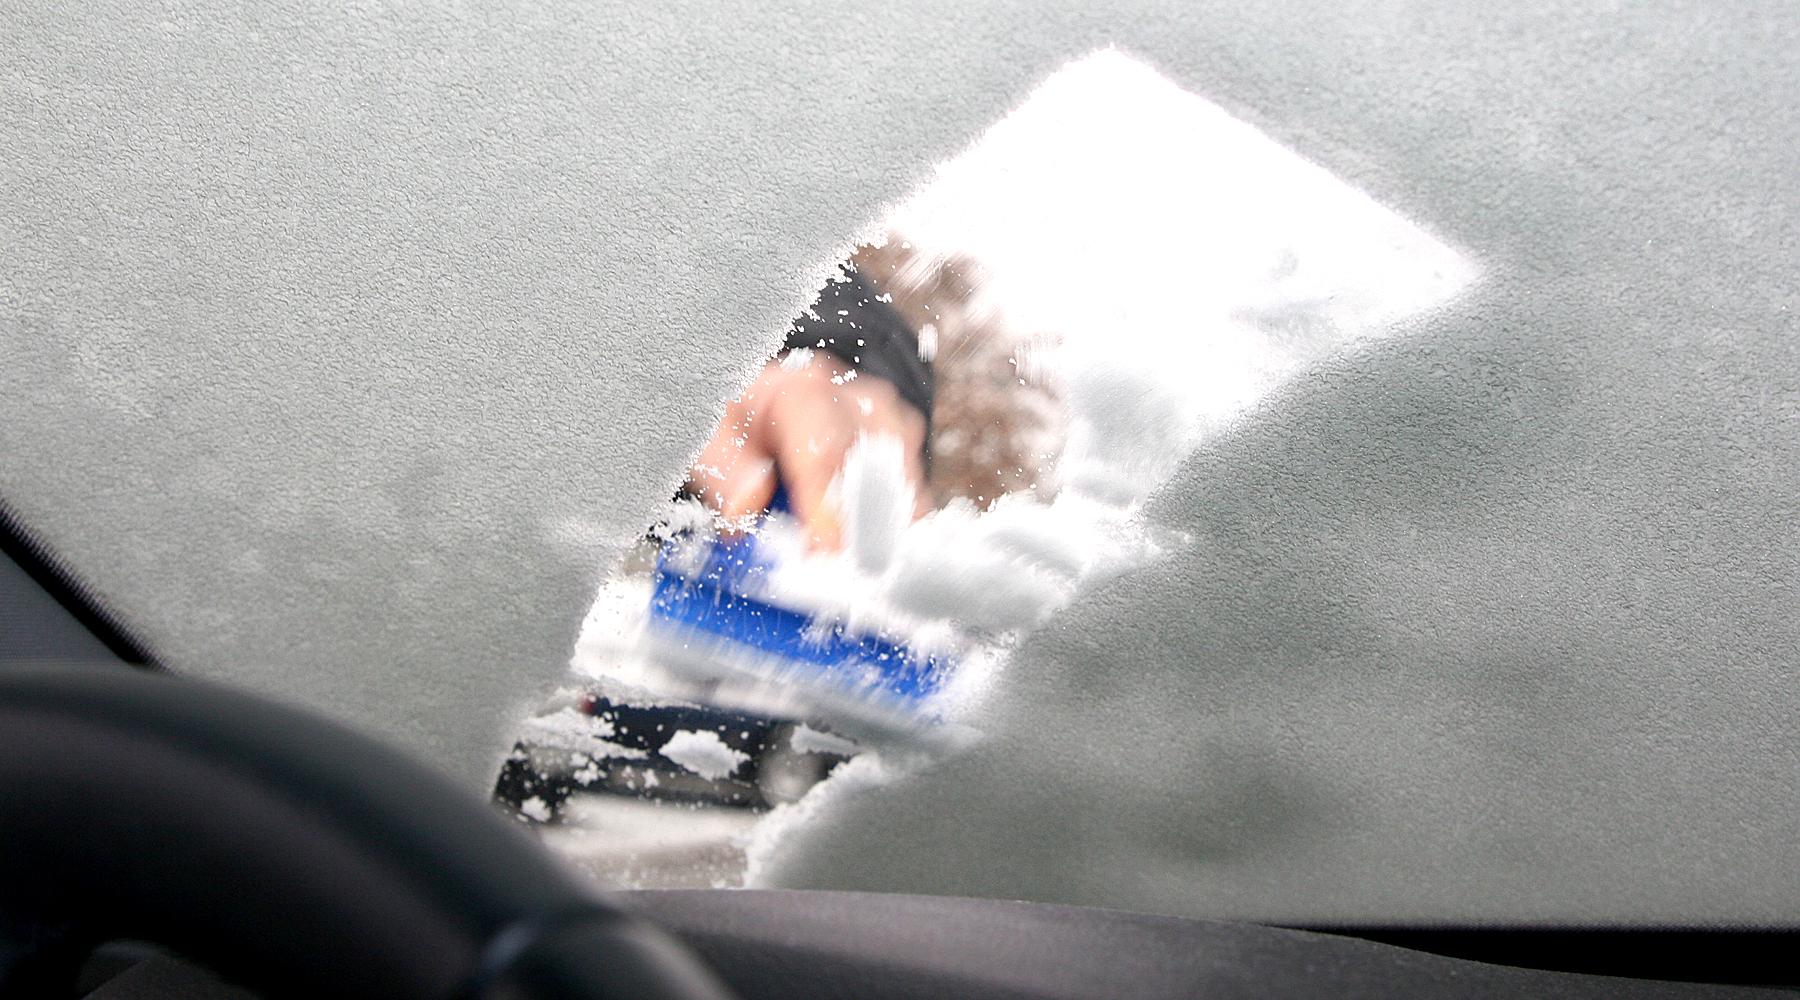 Eiskratzen mit Parkscheibe